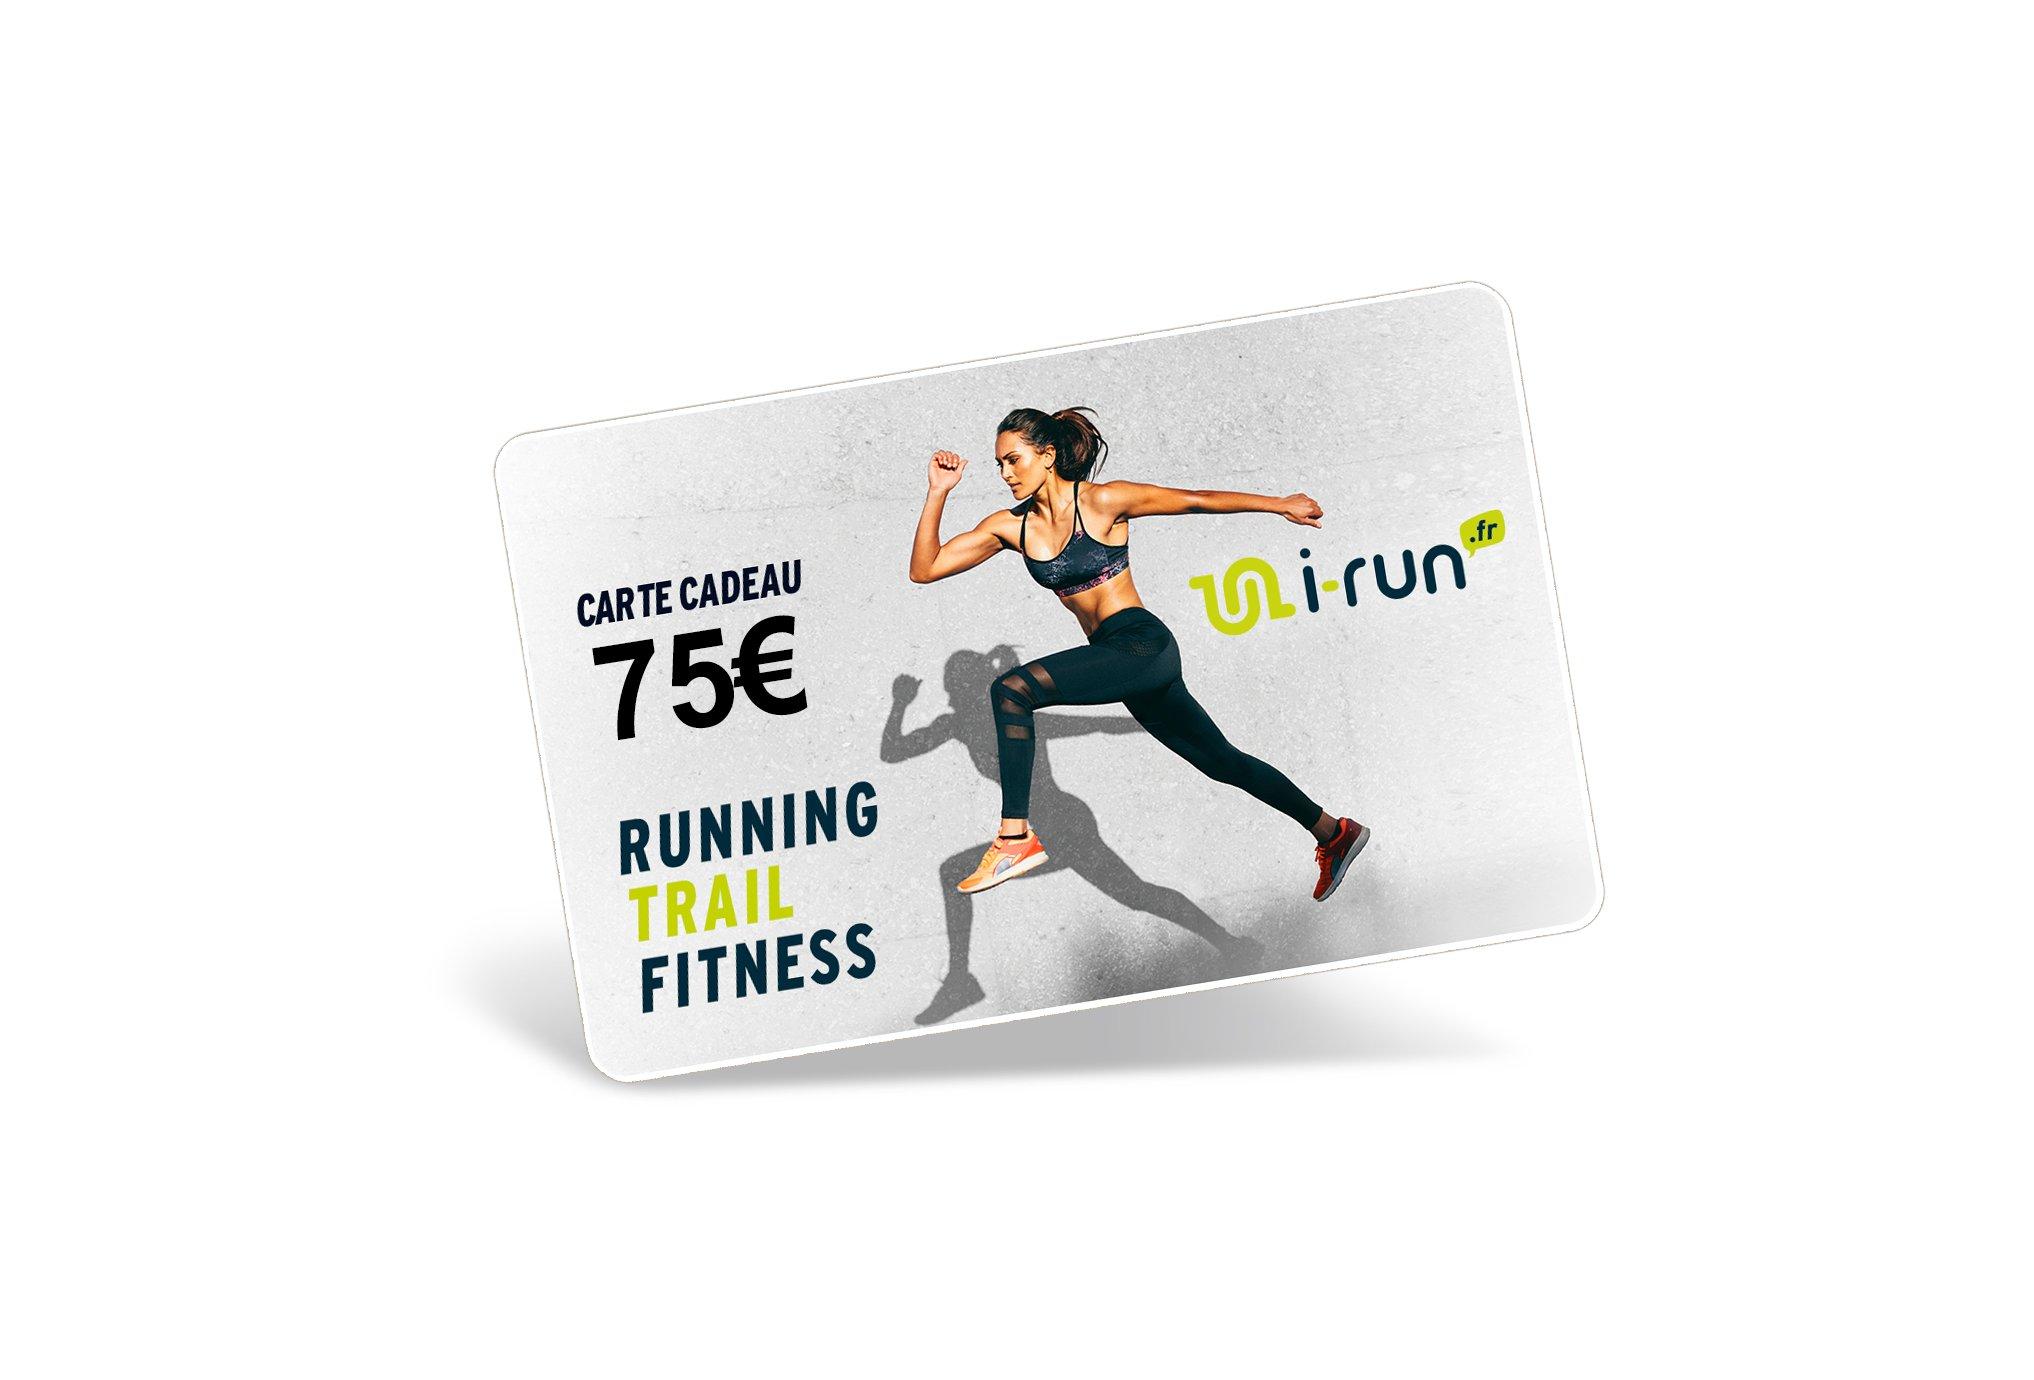 i-run.fr Carte Cadeau 75 W Cartes Cadeau